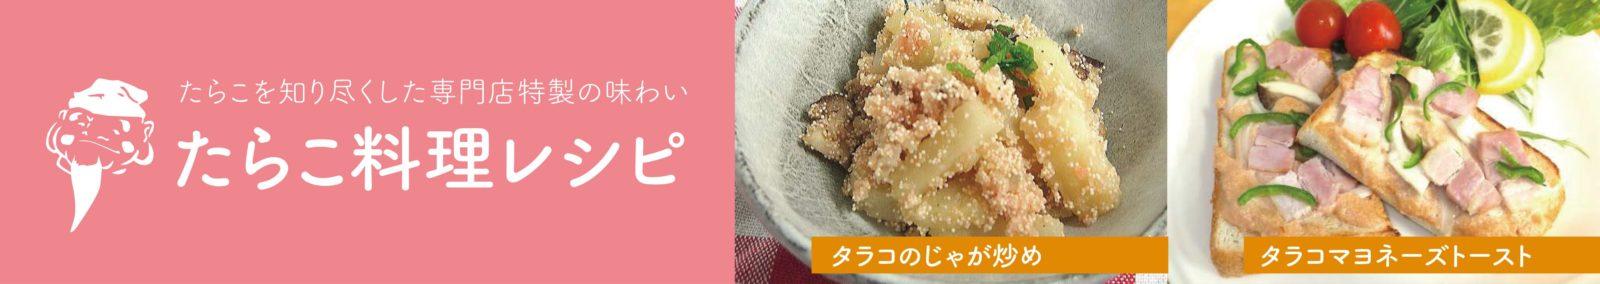 たらこを知りつくした専門店特製の味わい たらこ料理レシピ